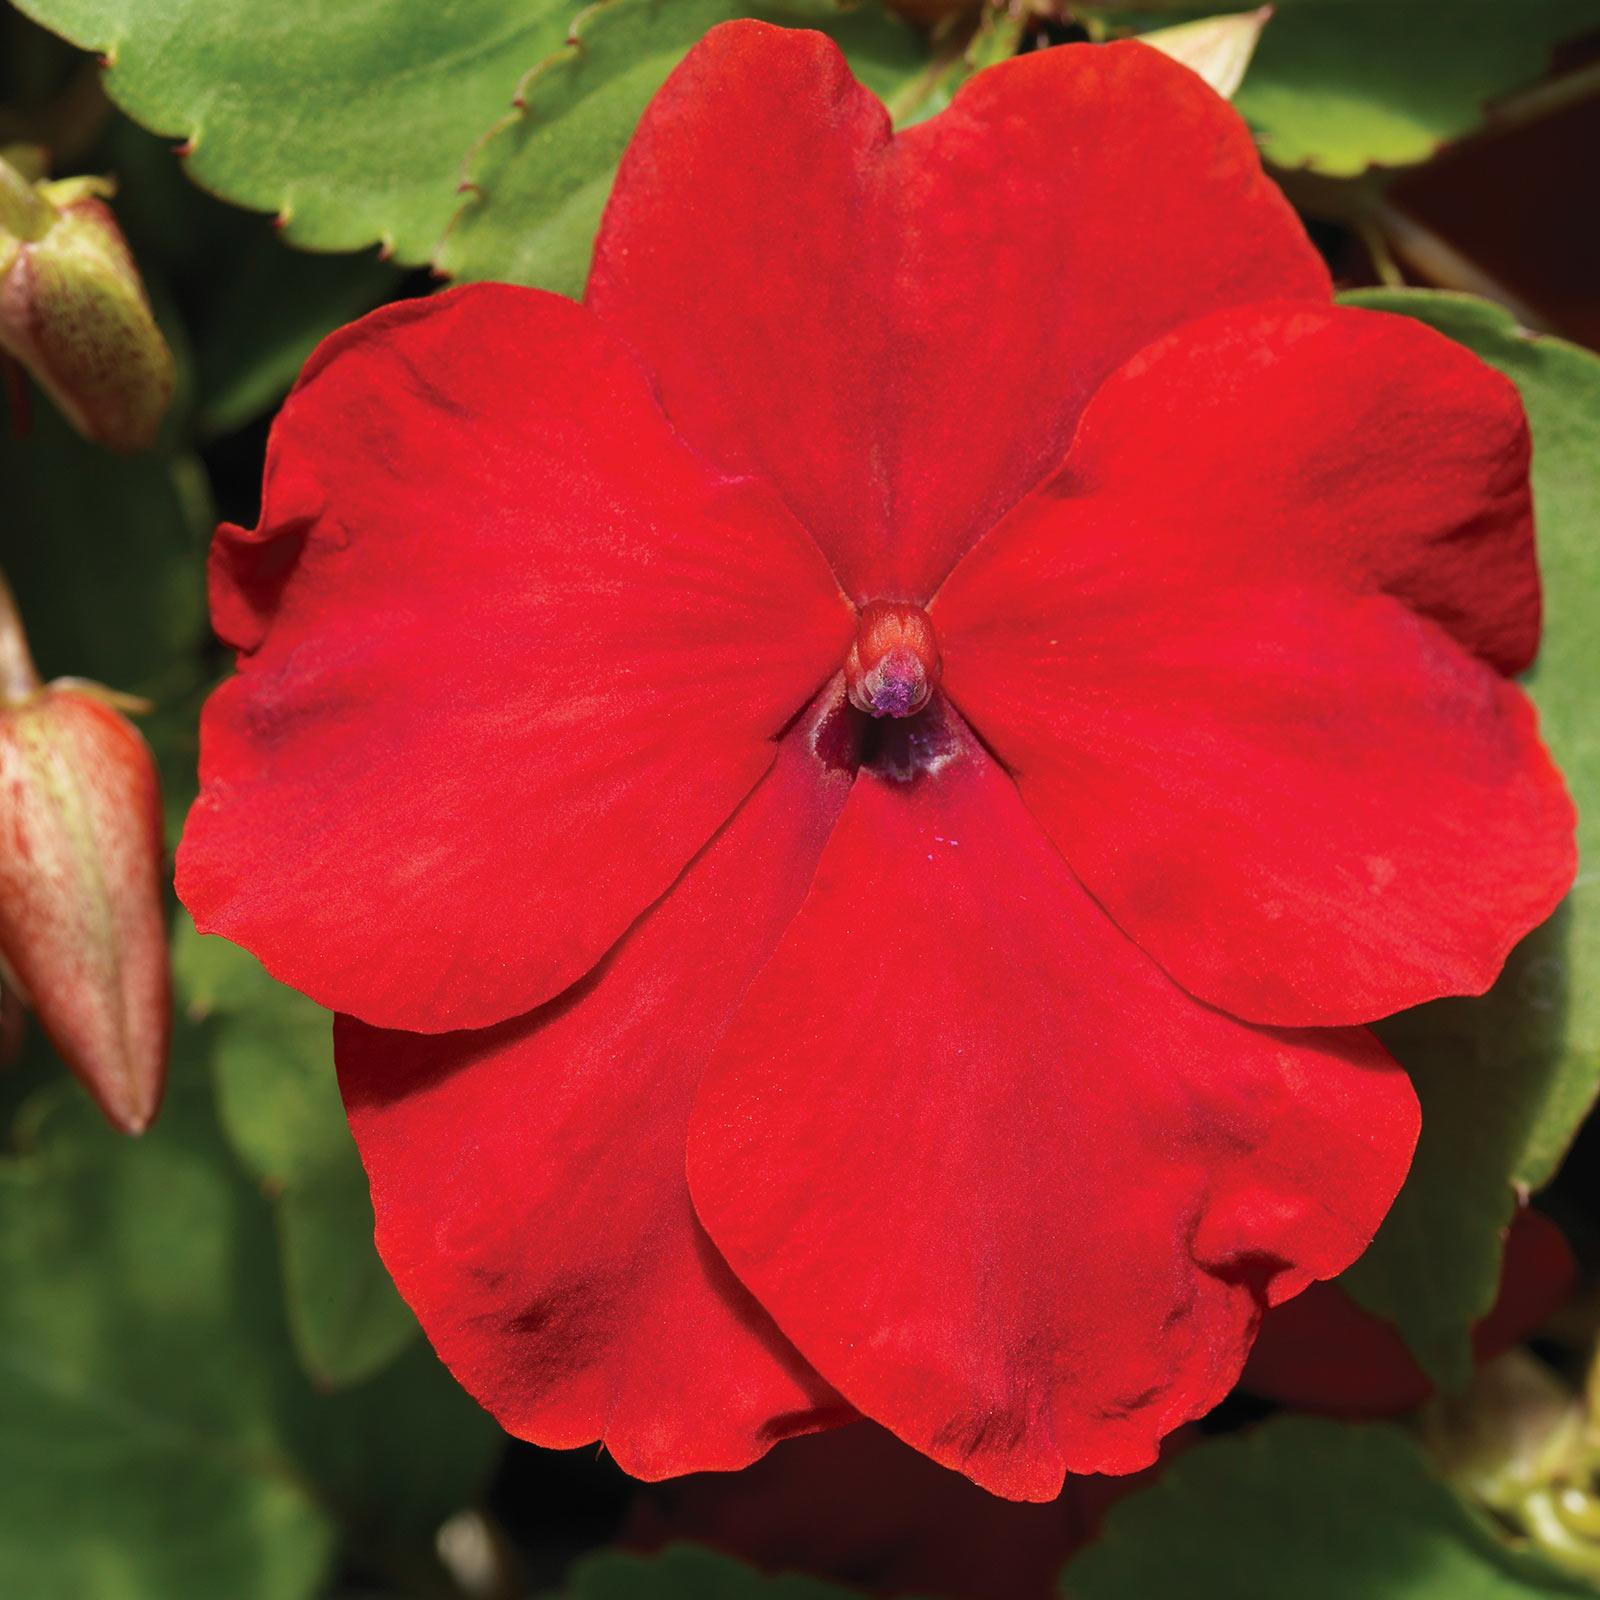 Impatiens Flower Garden Seeds - F1 Accent Series - Burgundy - 500 Seeds - Annual Flower Gardening Seeds